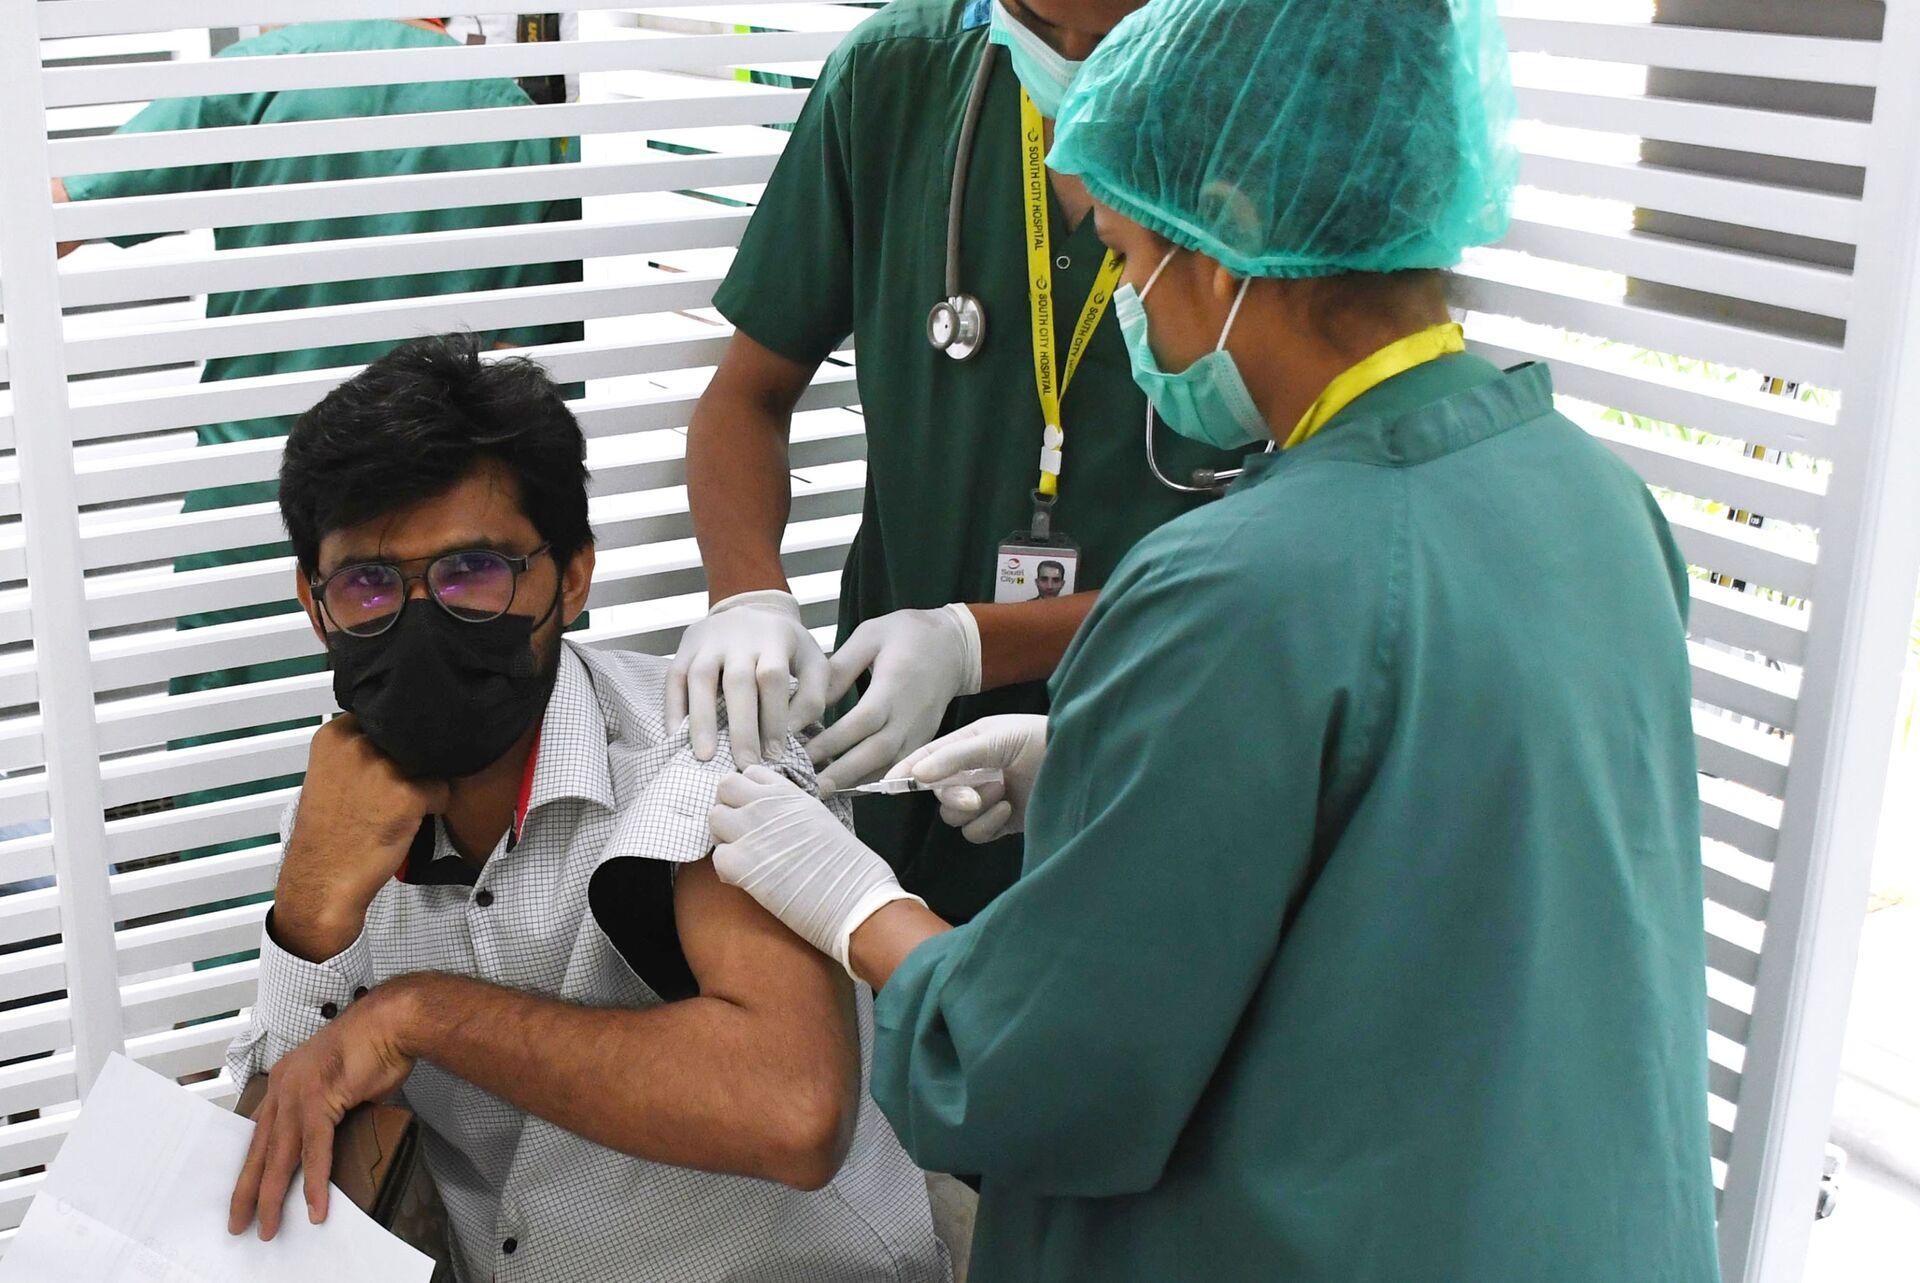 Un giovane viene vaccinato contro il Covid 19 - Sputnik Italia, 1920, 18.05.2021